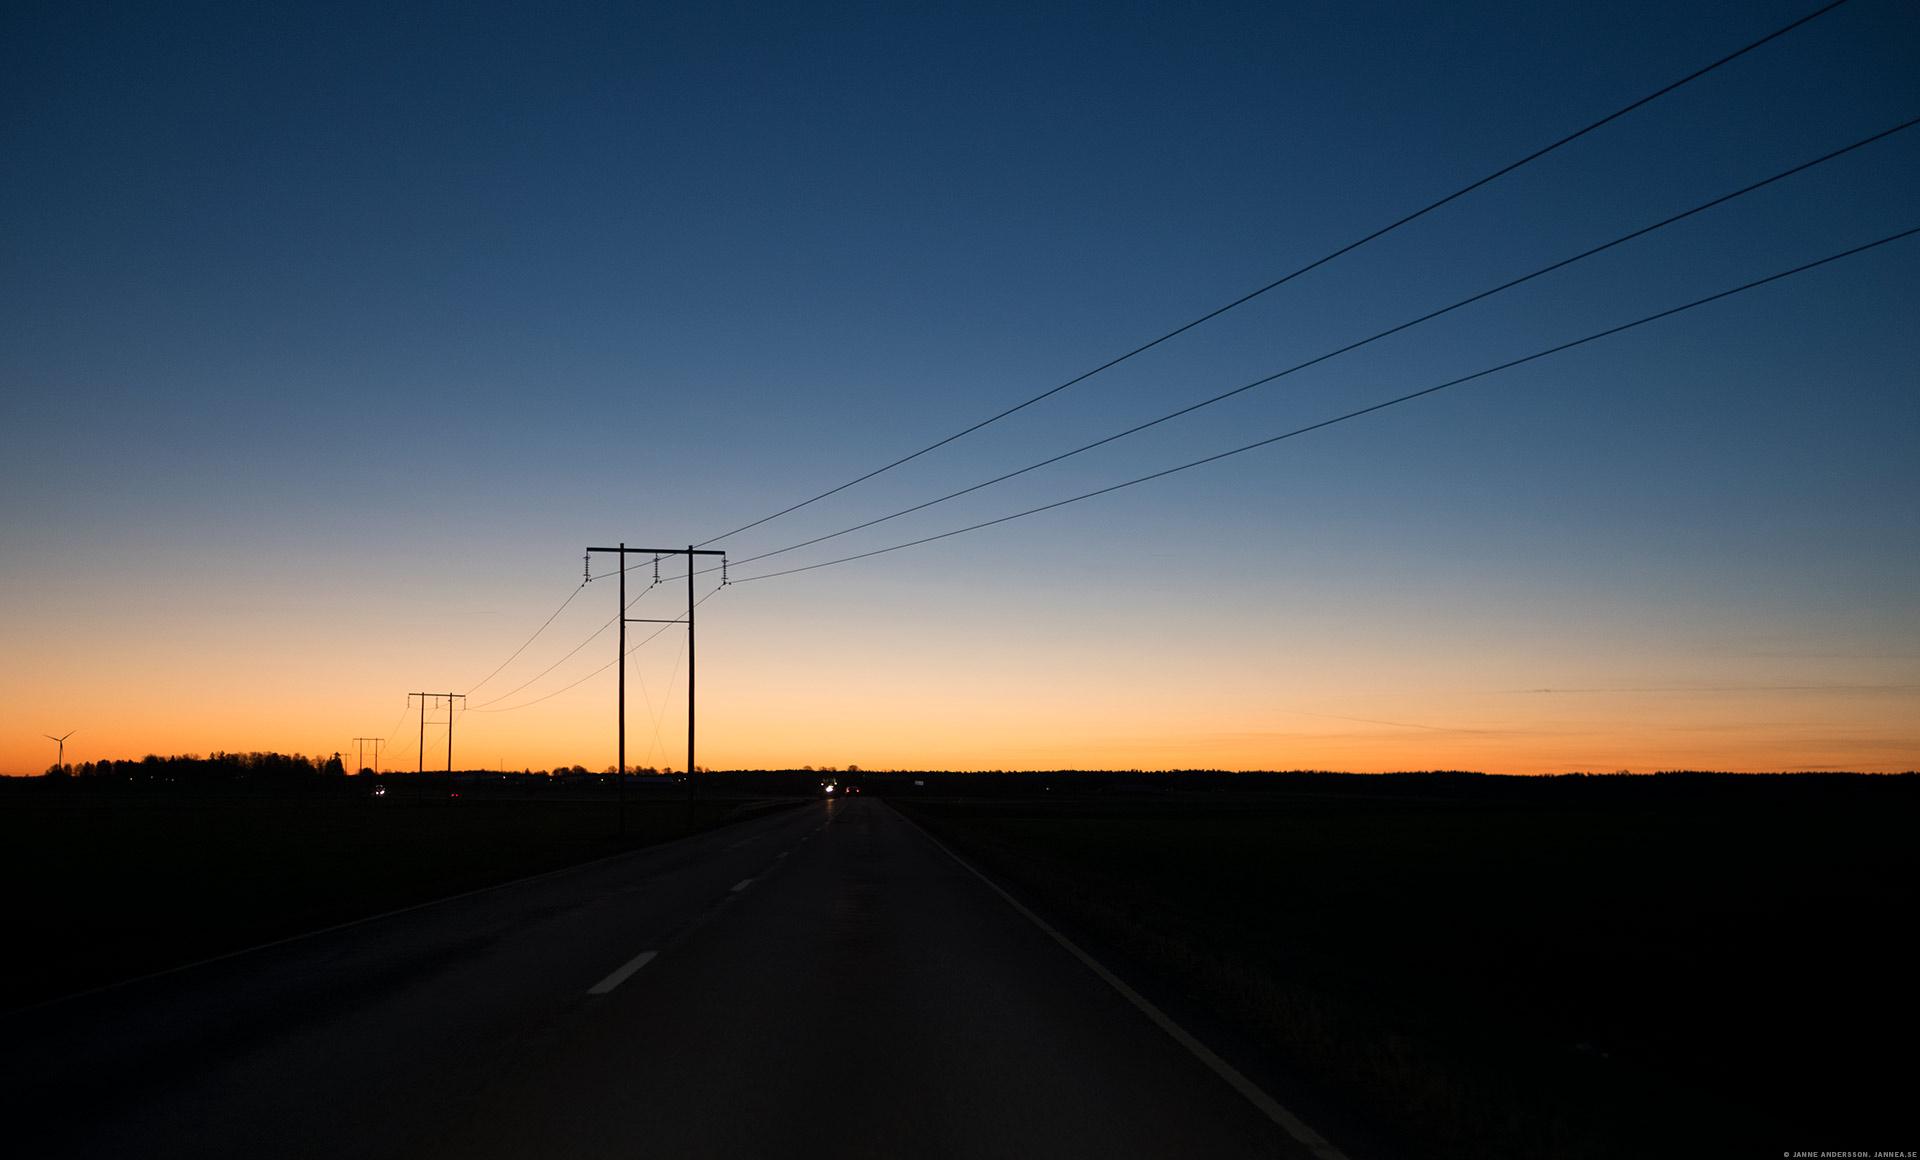 Snygg morgon och stolpar på slätten|© Janne A